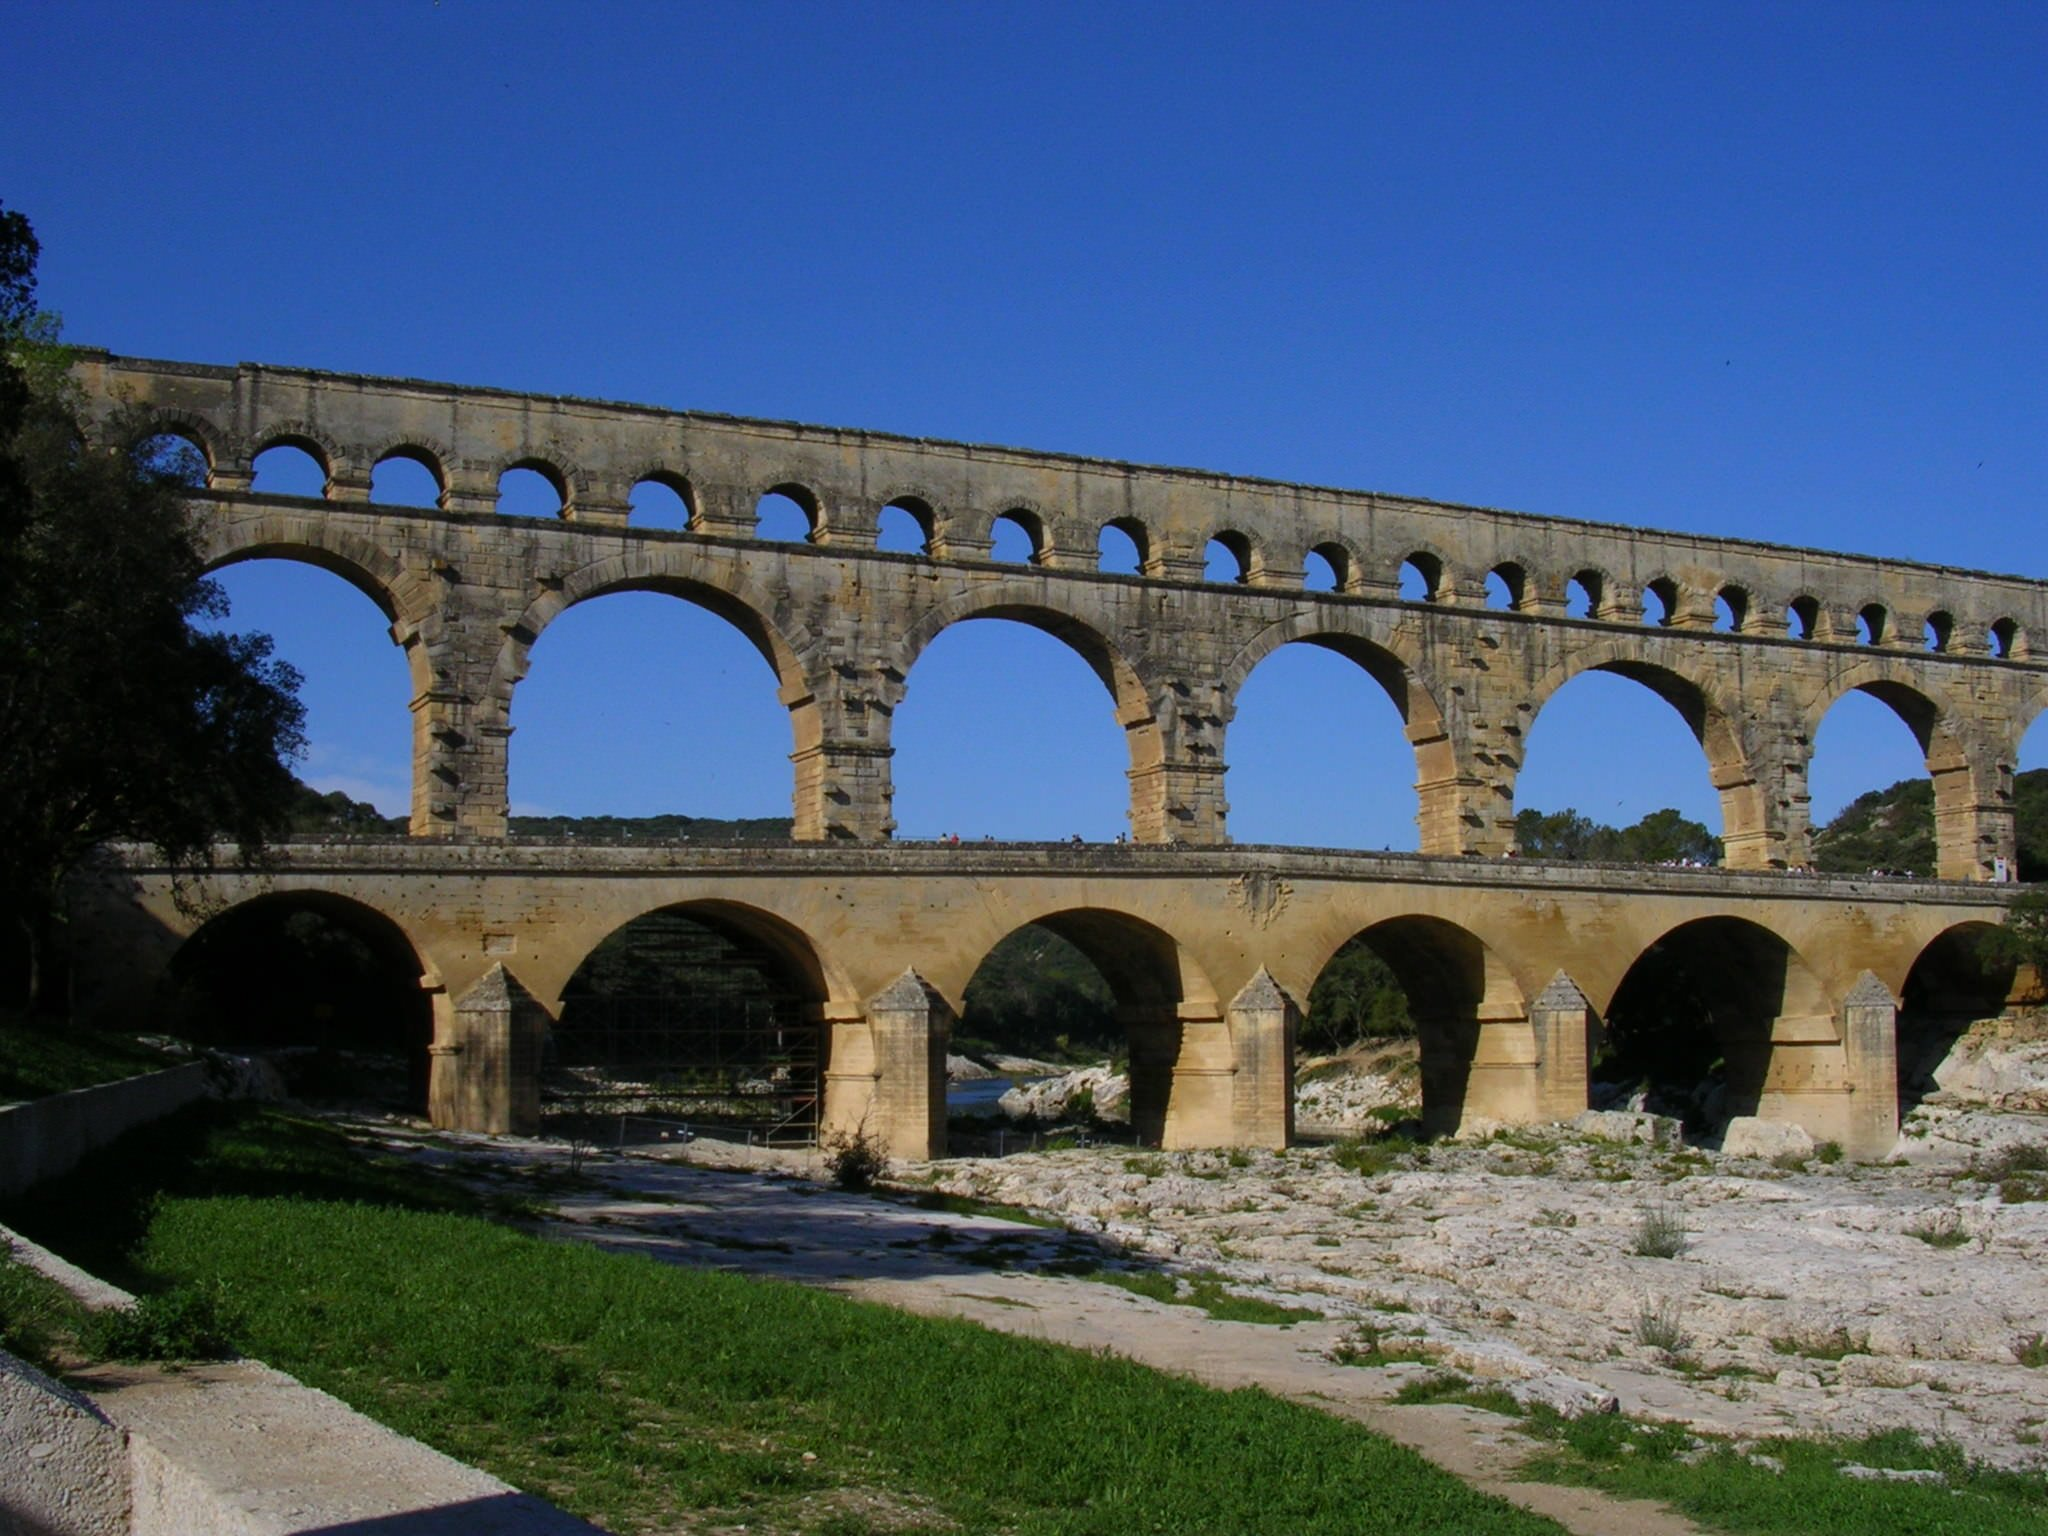 pont du gard france - Roman Architecture